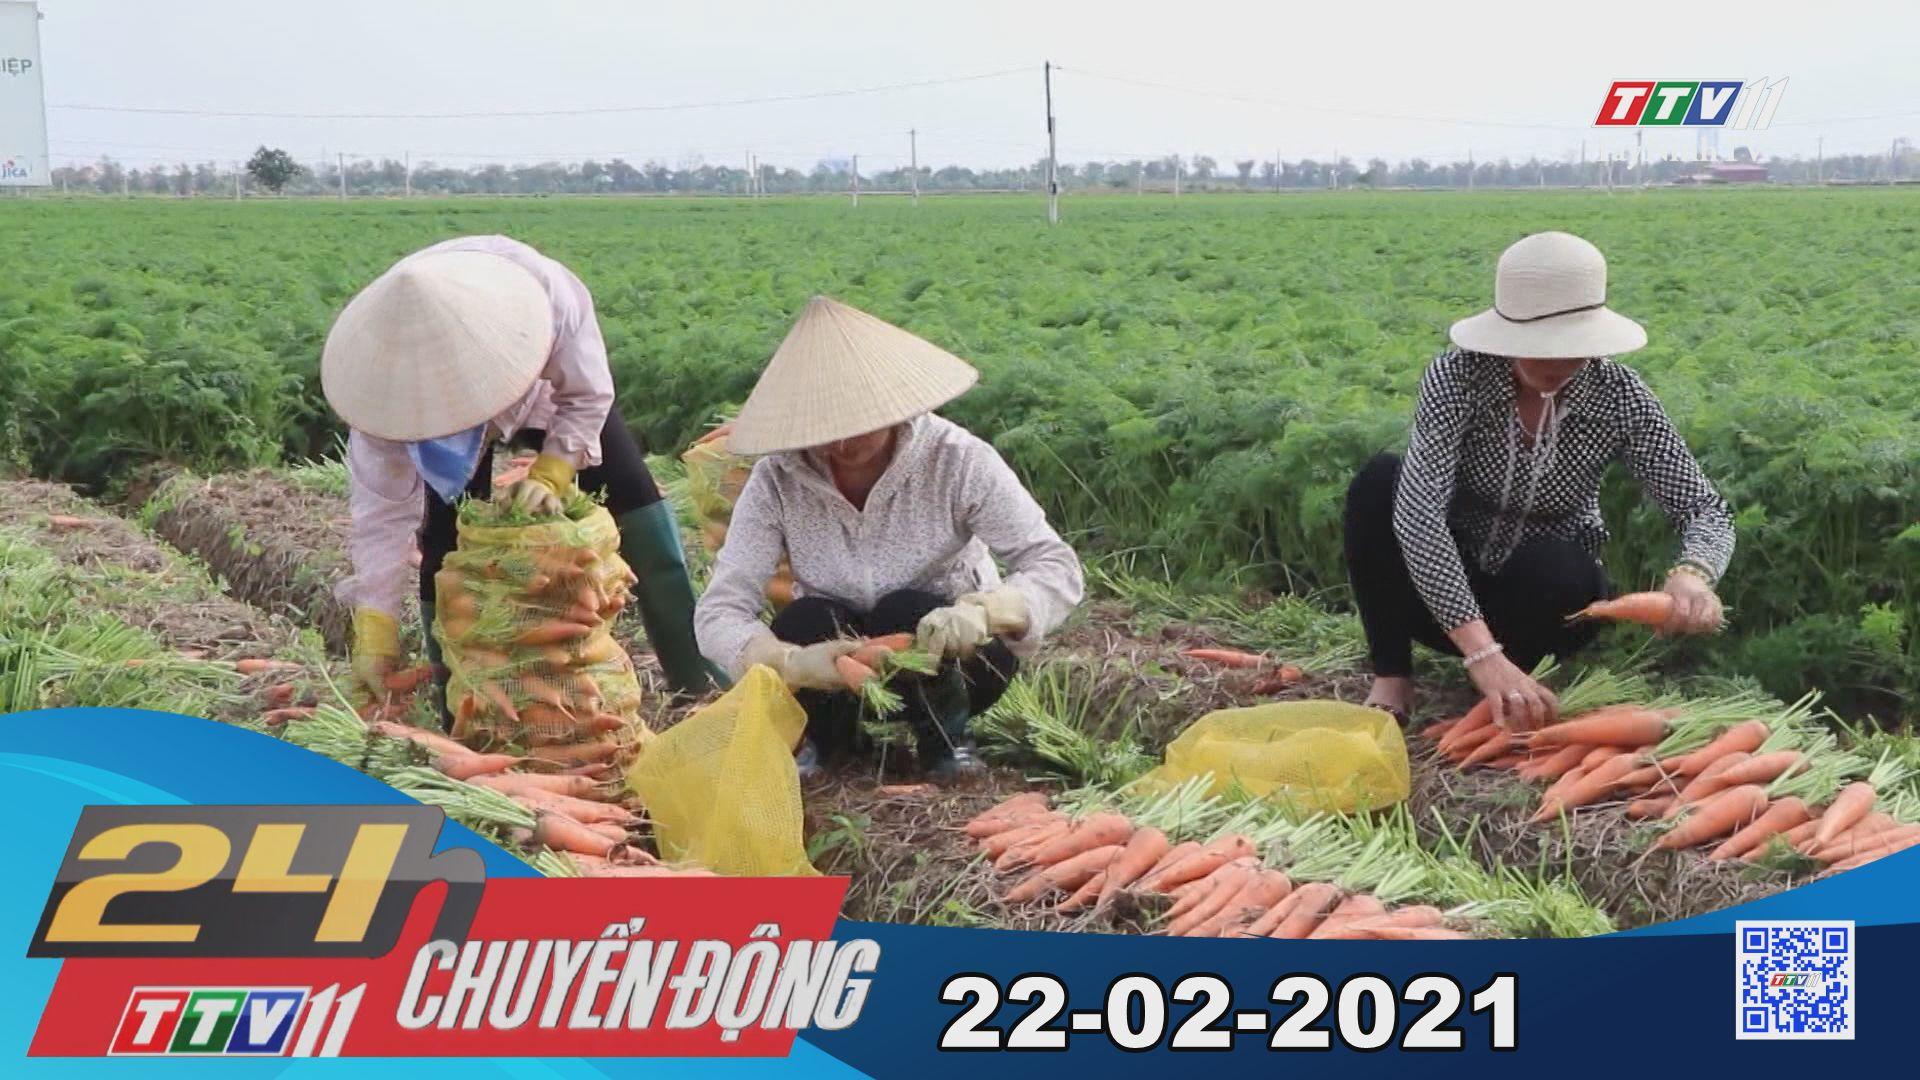 24h Chuyển động 22-02-2021 | Tin tức hôm nay | TayNinhTV